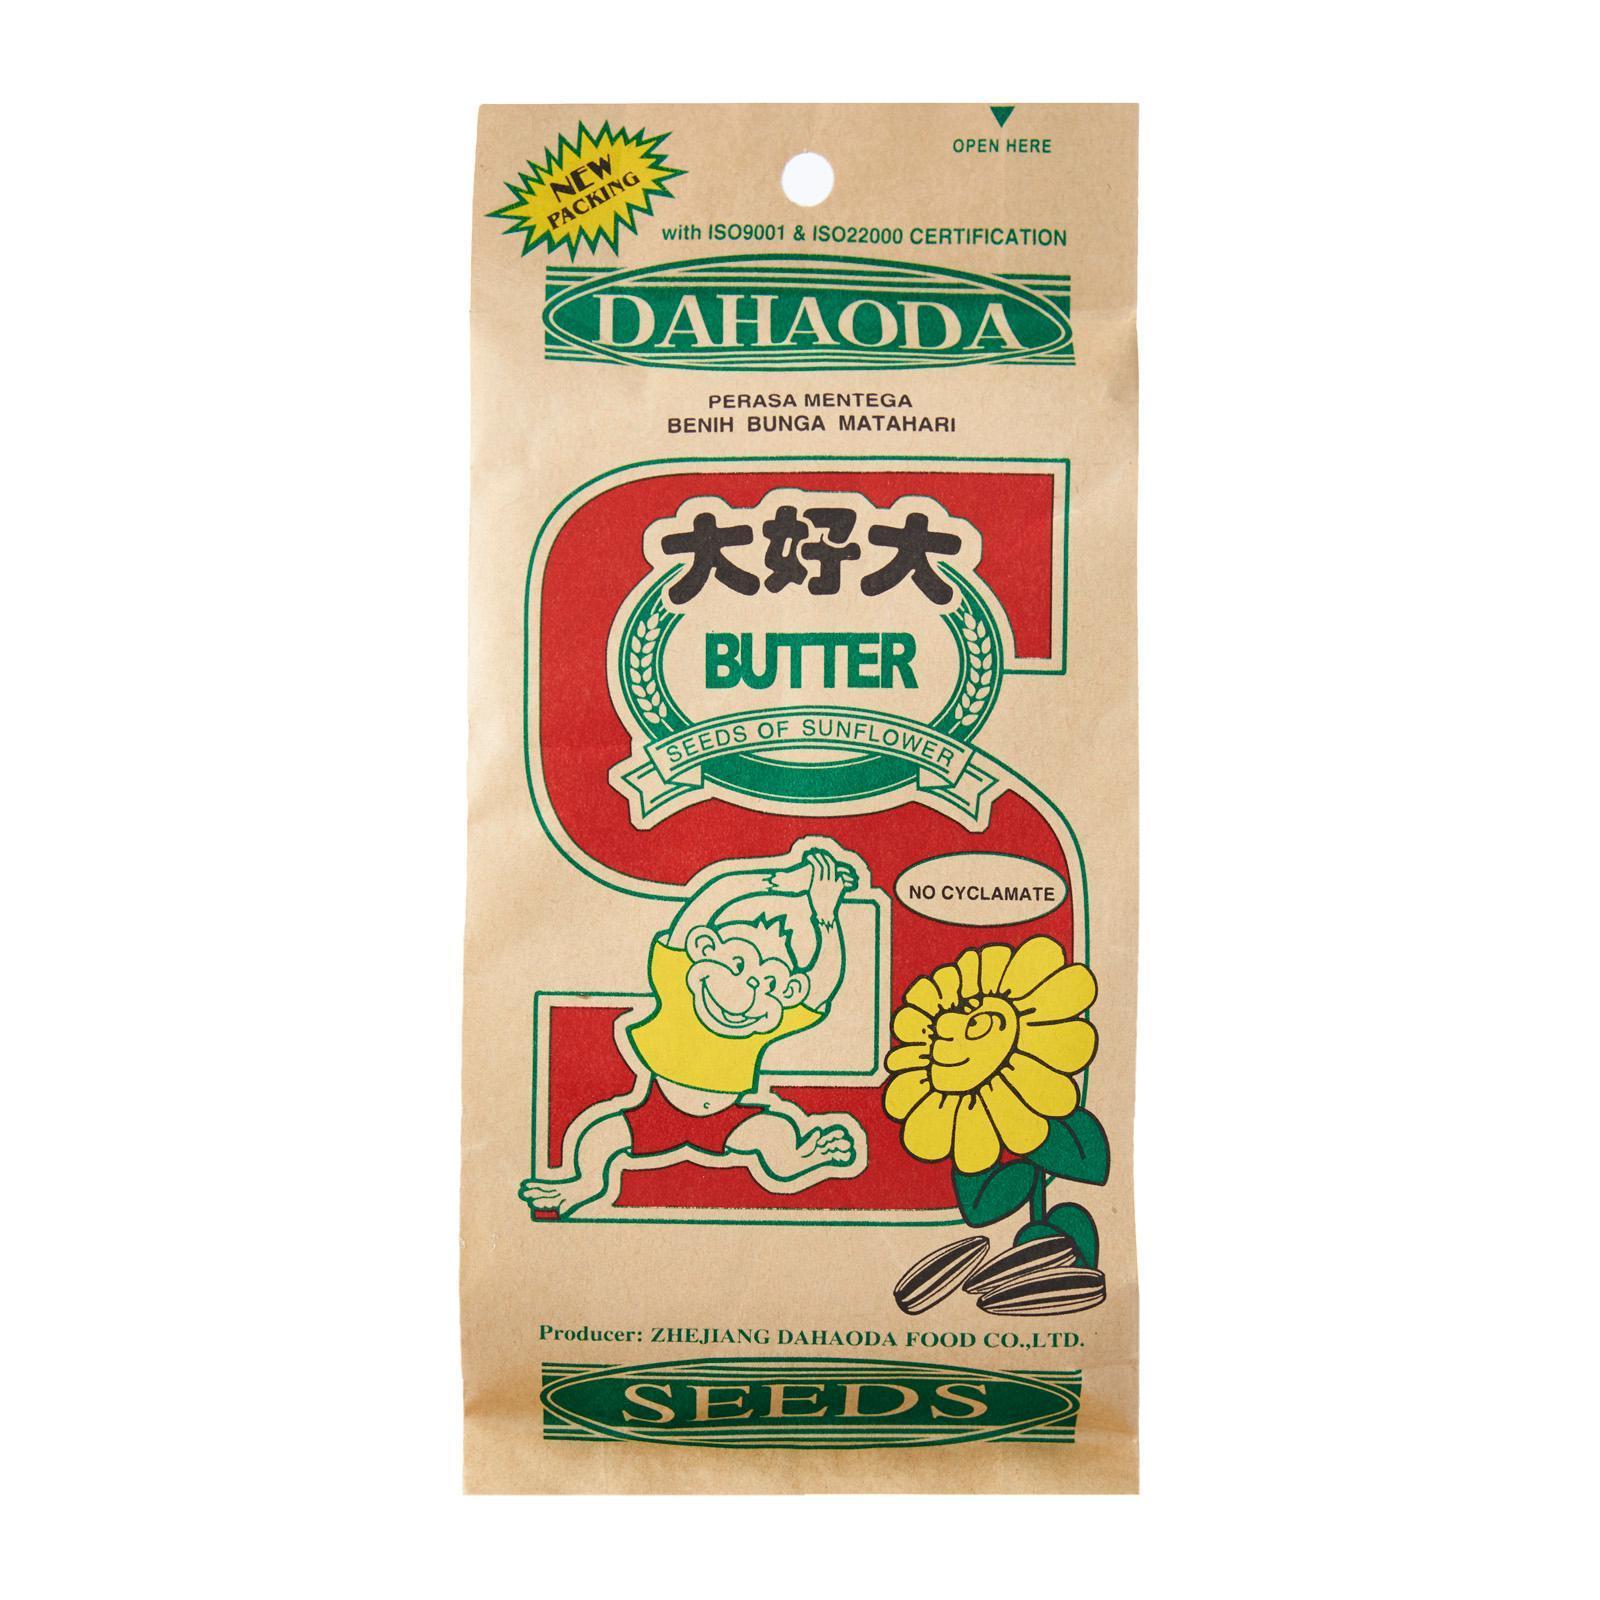 Dahaoda Butter Sunflower Seeds